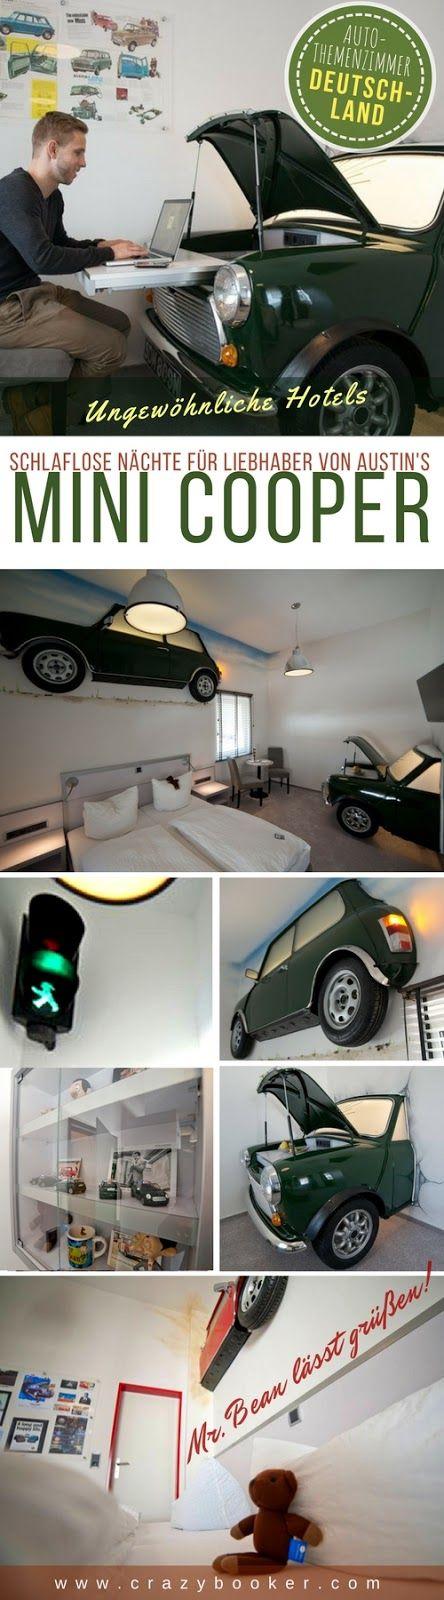 Austin Mini Cooper Erlebnis-Zimmer | Diese ungewöhnlich gestaltete Hotelunterku… – Crazybooker.com | Unique Hotels of the world | We follow back!